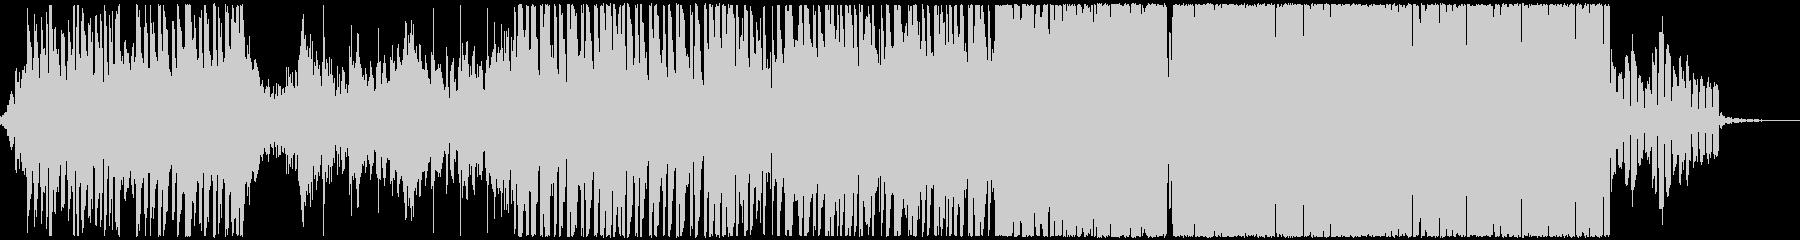 DnBとFutureBassの融合の未再生の波形